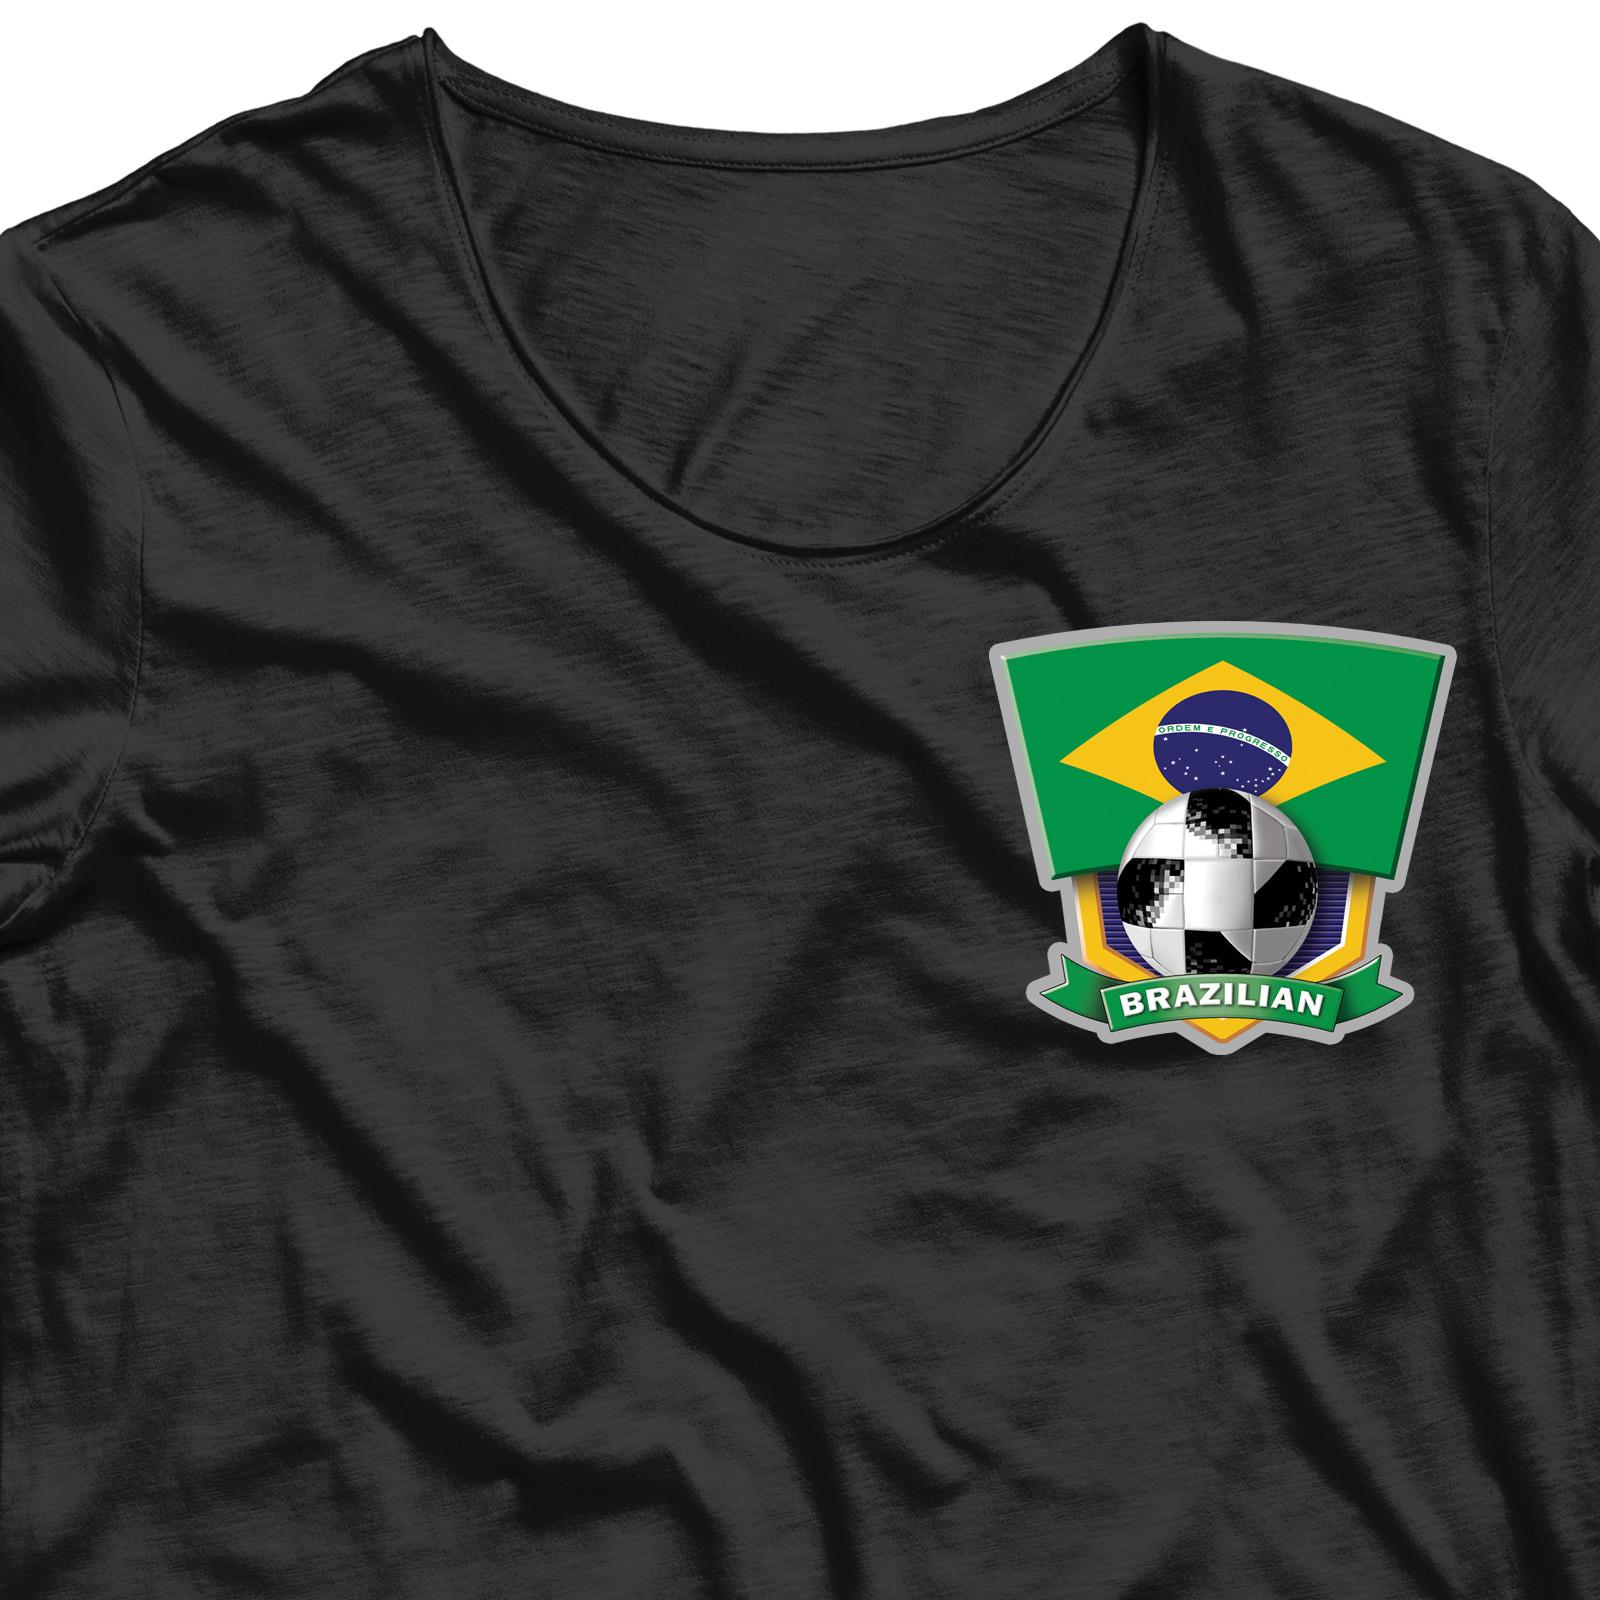 Заказать термотрансфер болельщику BRAZILIAN по выгодной цене